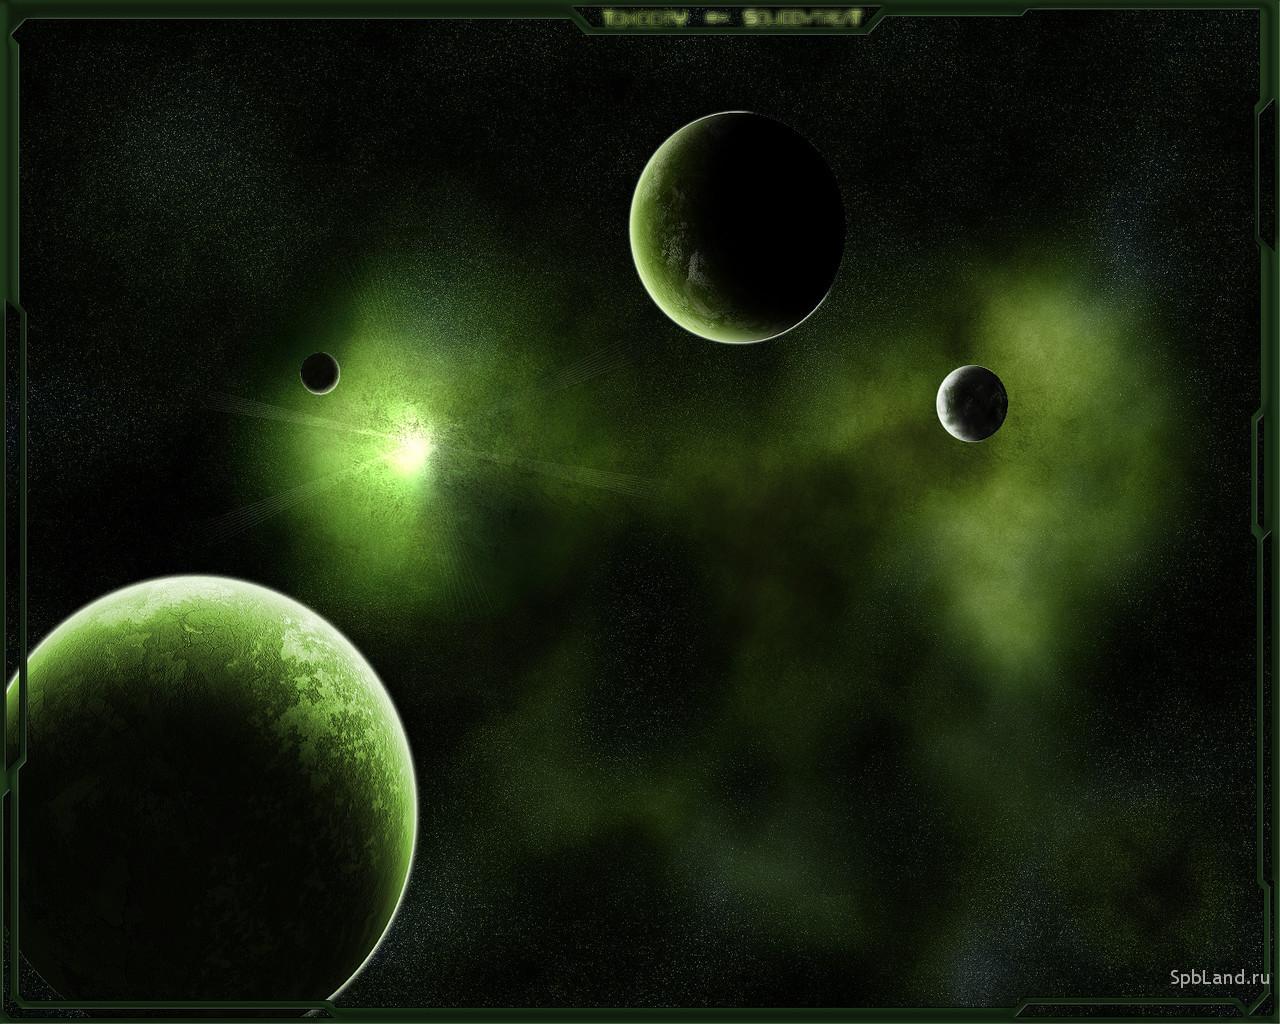 планеты, галактика, скачать фото, обои на рабочий стол